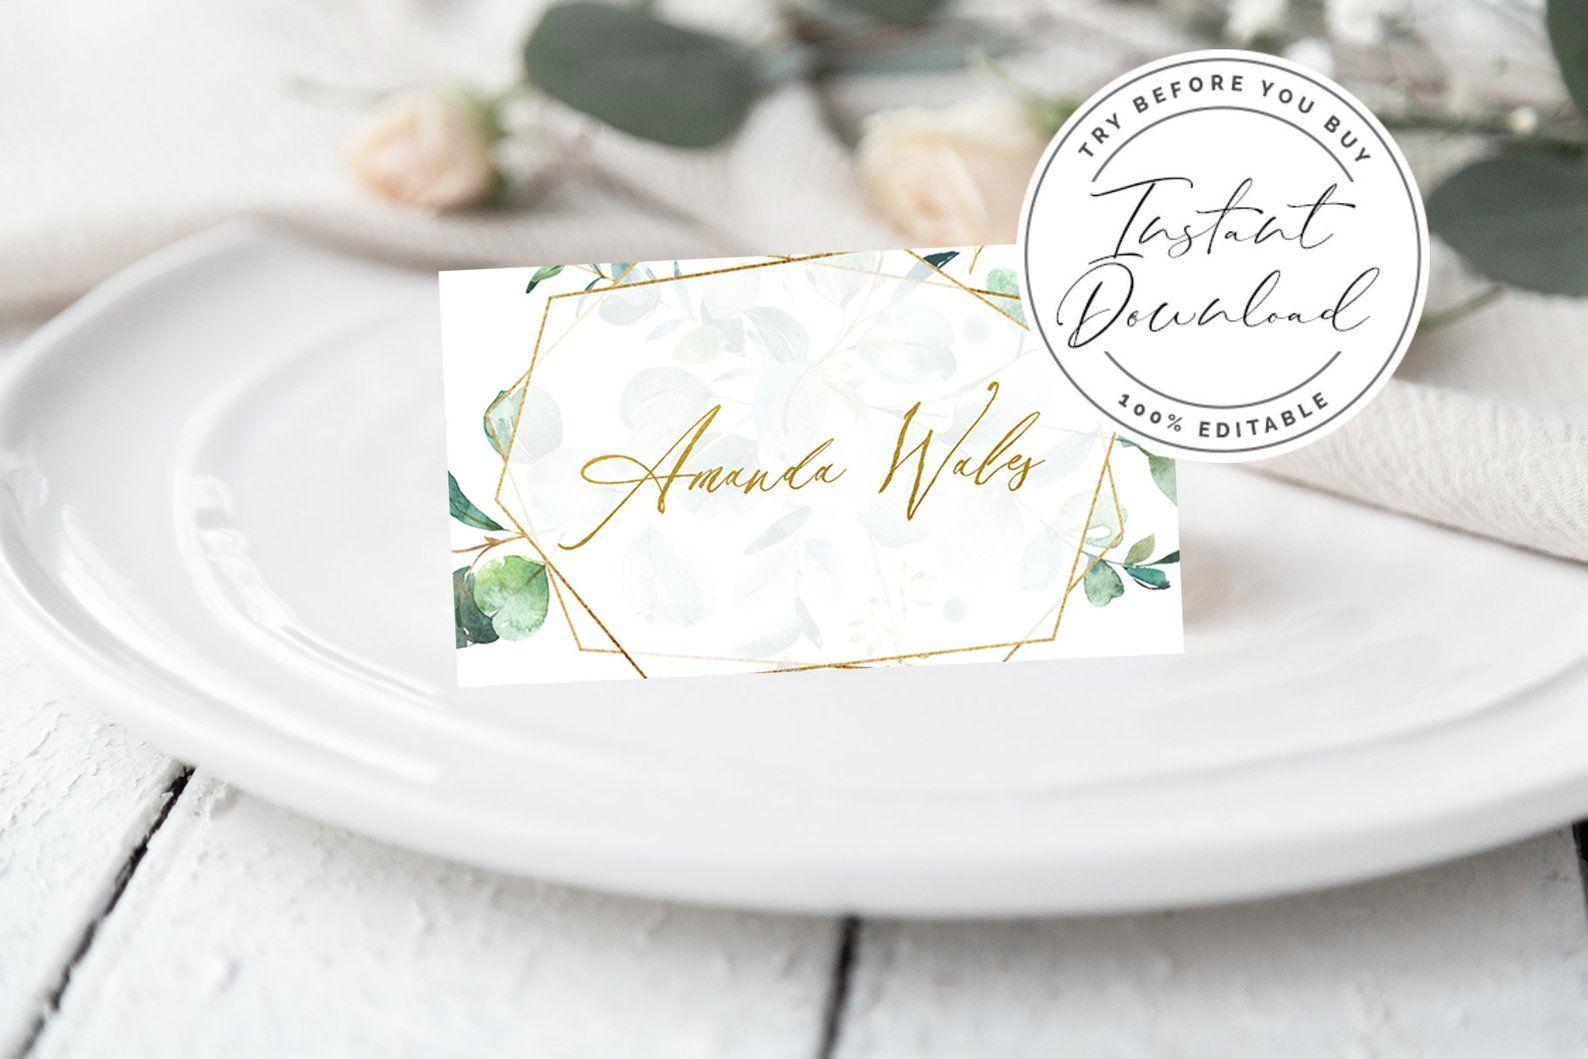 Boho Name Cards Template Printable Wedding Place Cards Table Wedding Name Cards Wedding Table Name Cards Card Table Wedding